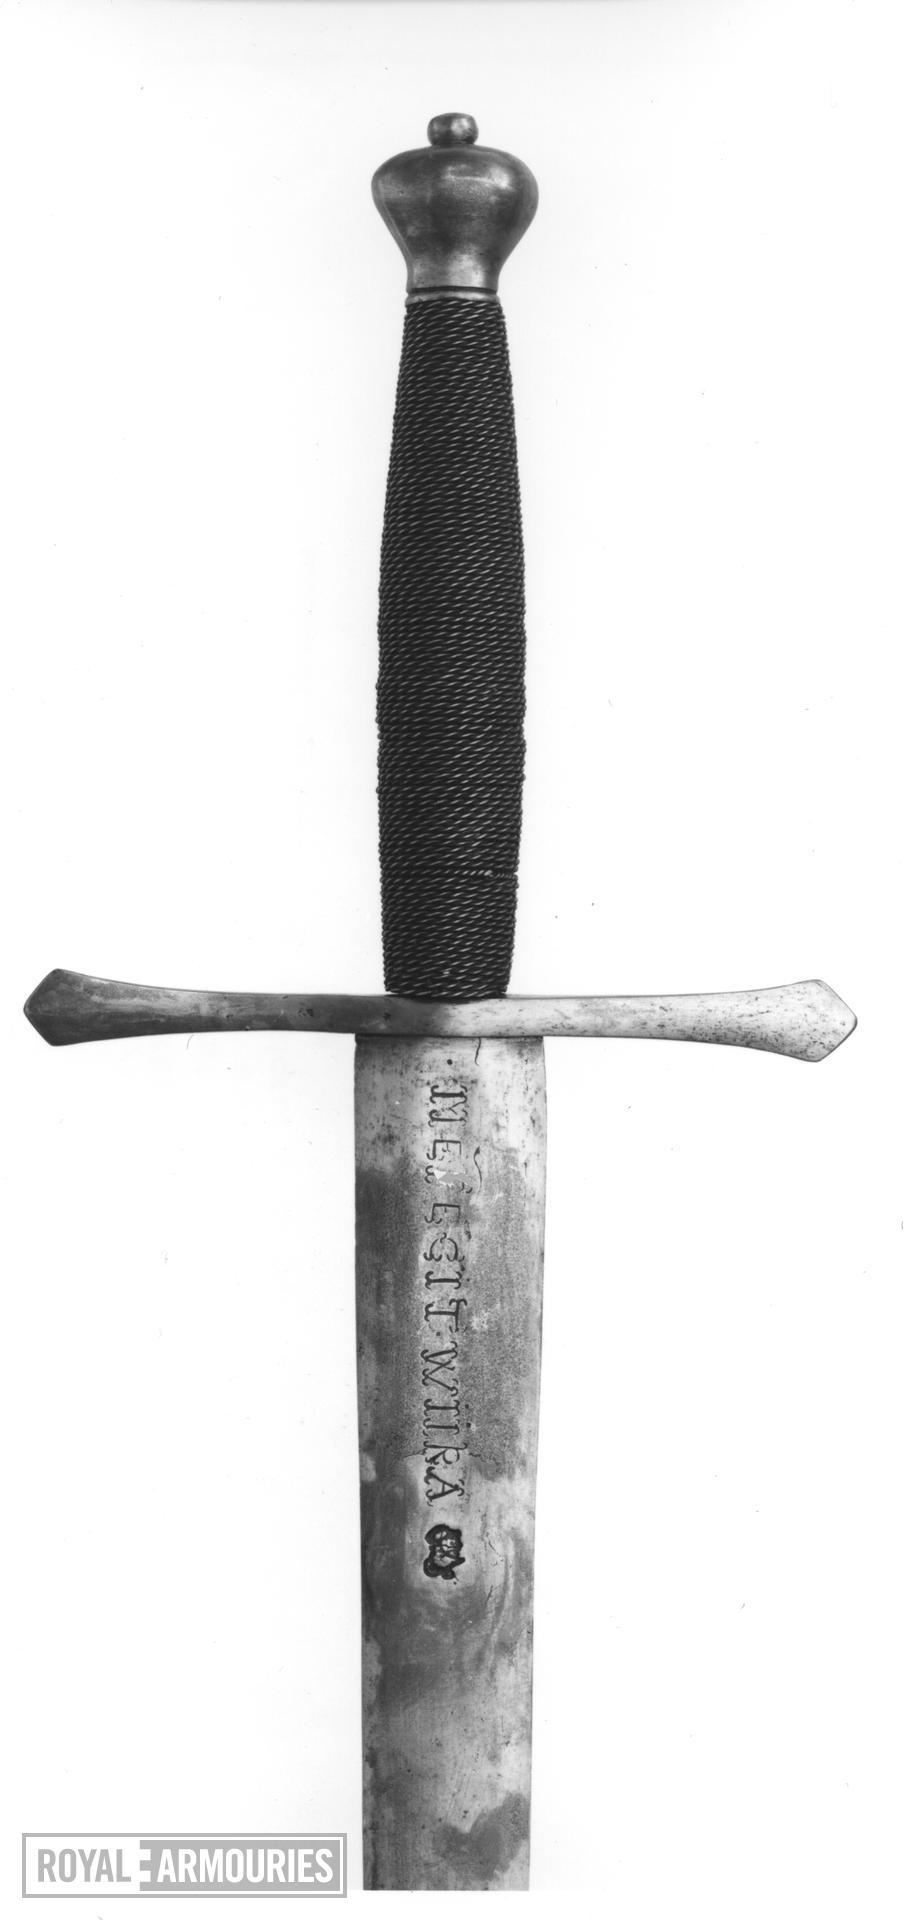 Sword - Scotch Sword of Mercy Two handed sword